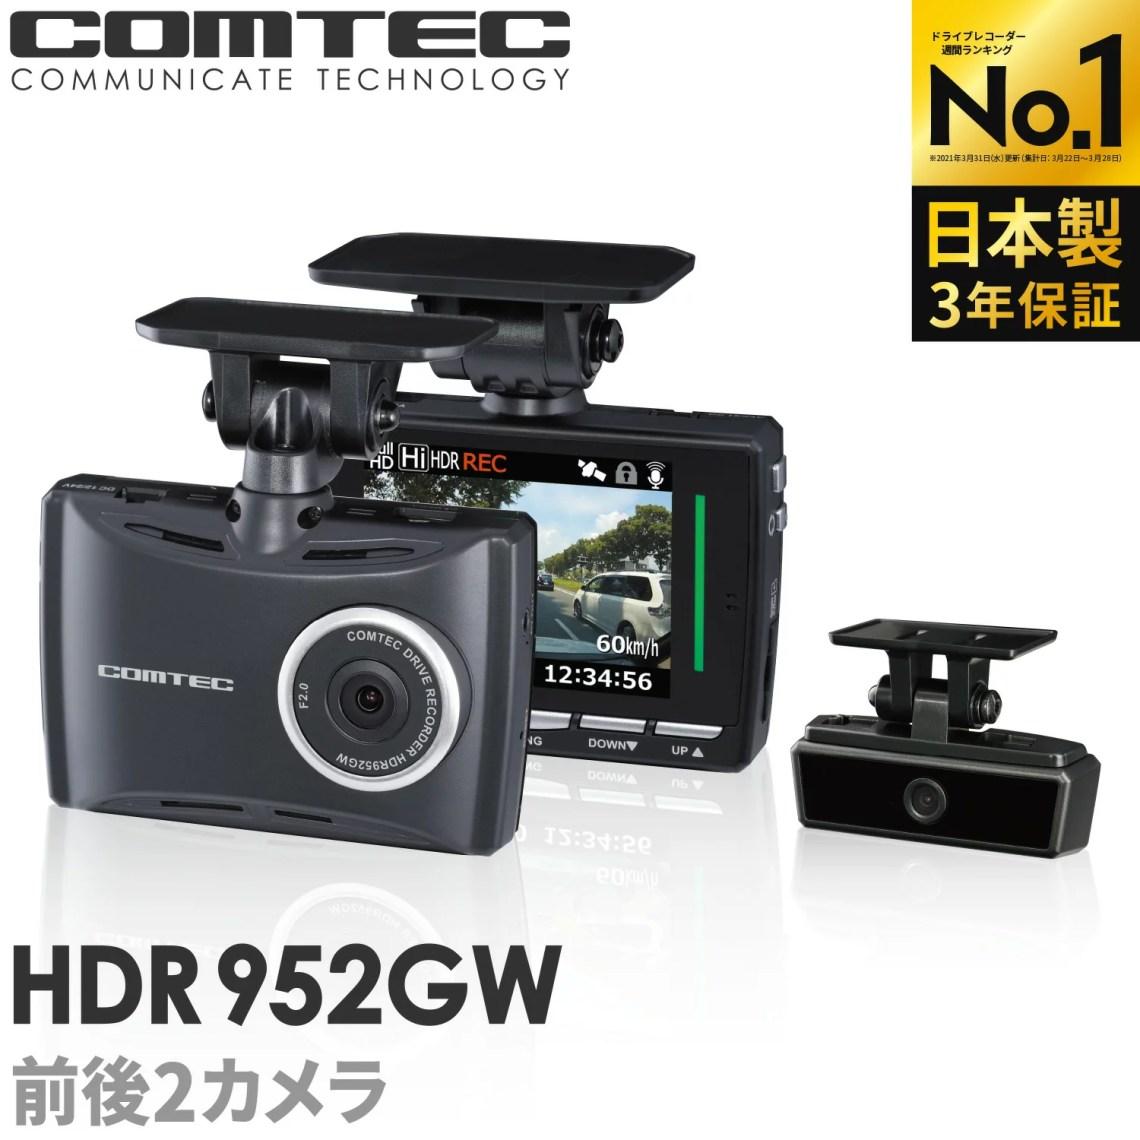 ドライブレコーダーランキング1位 日本製 3年保証 前後2カメラ ドライブレコーダー コムテック H